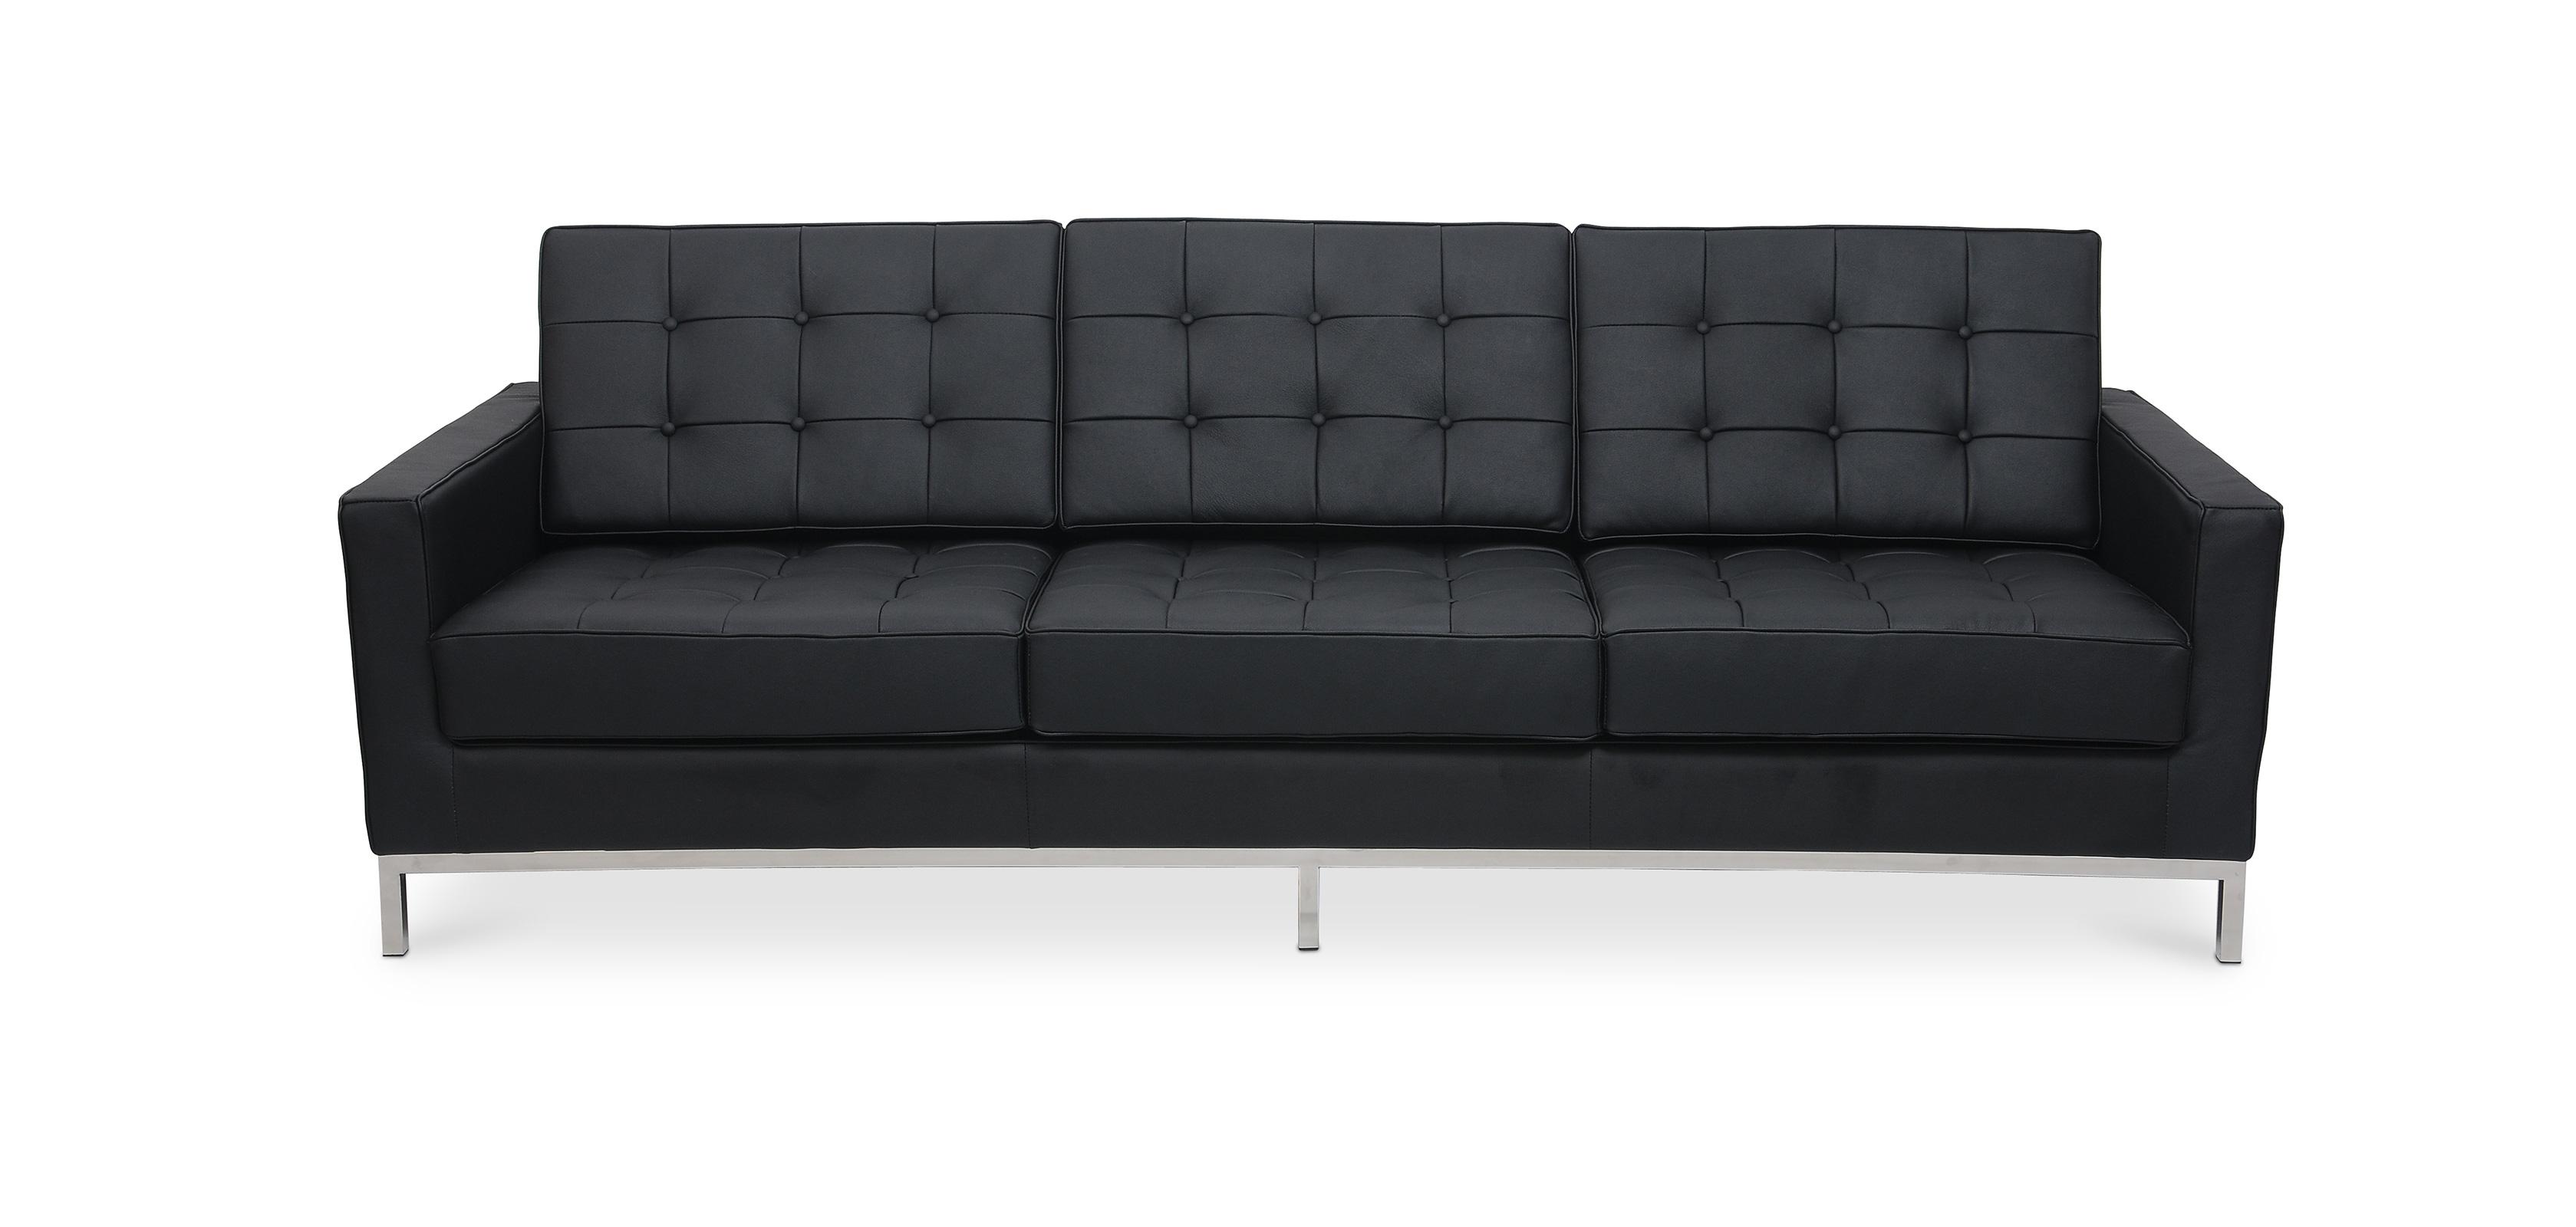 Design Sofa - Florence Knoll (Dreisitzer) - Hochwertiges Leder